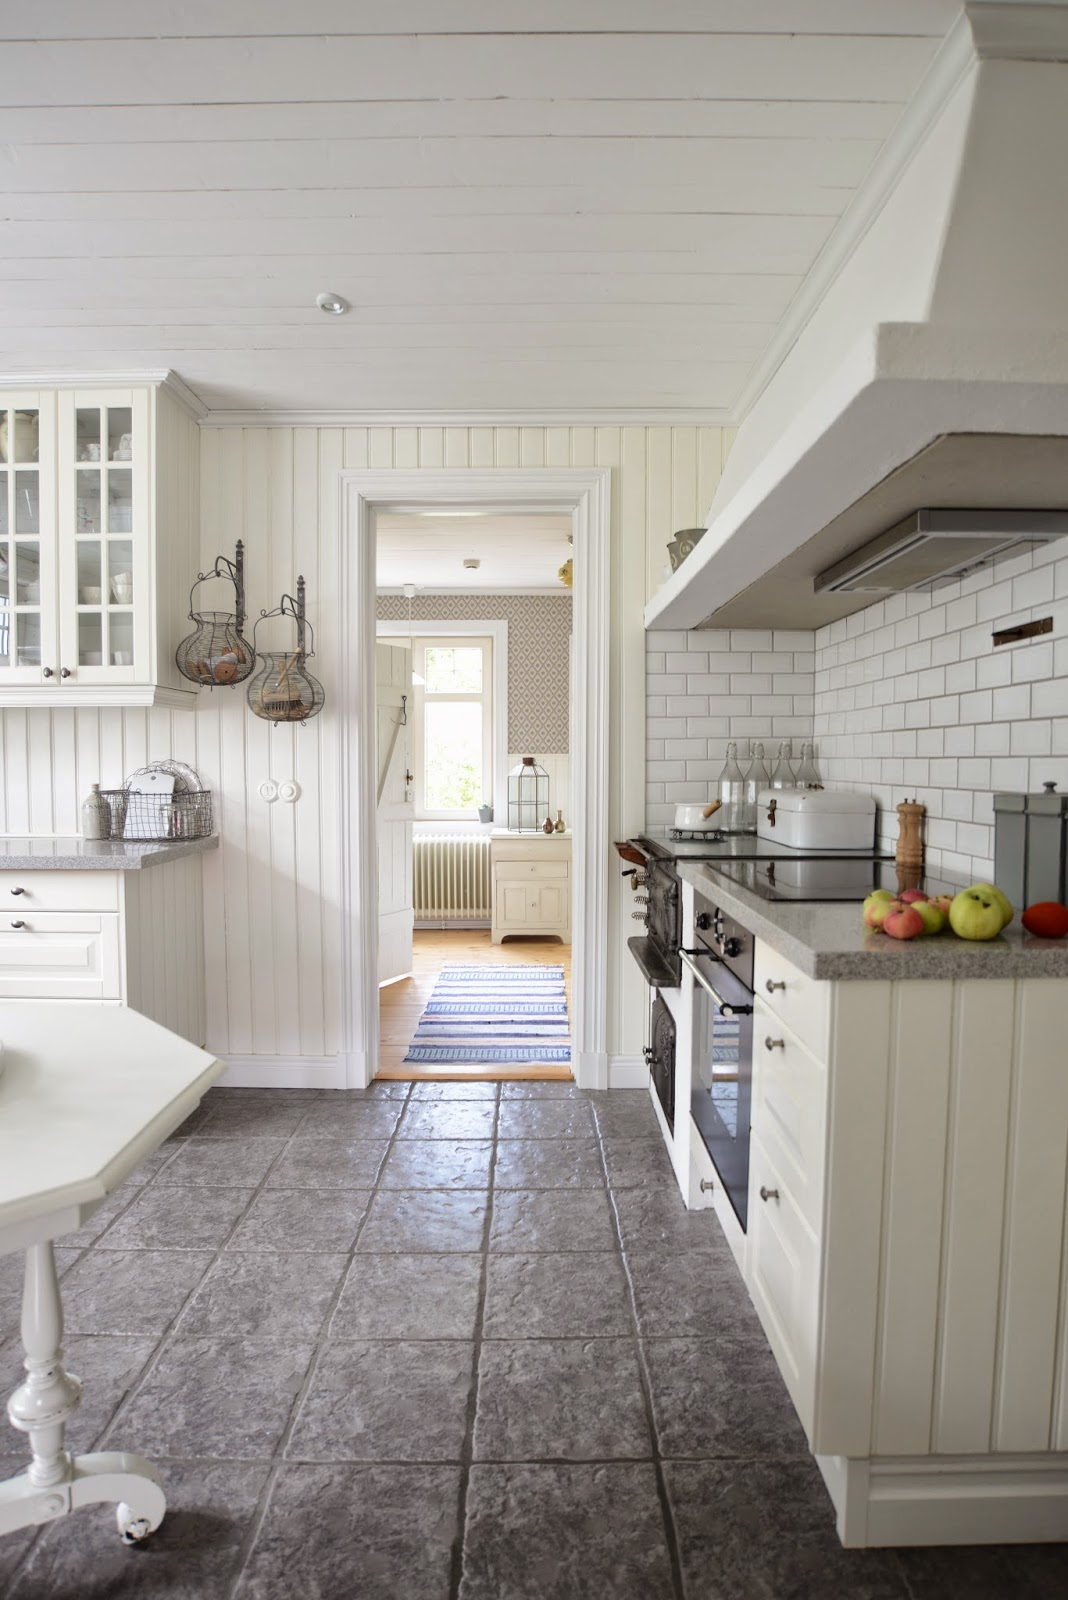 Add: design / anna stenberg / lantligt på svanängen: lantligt kök!